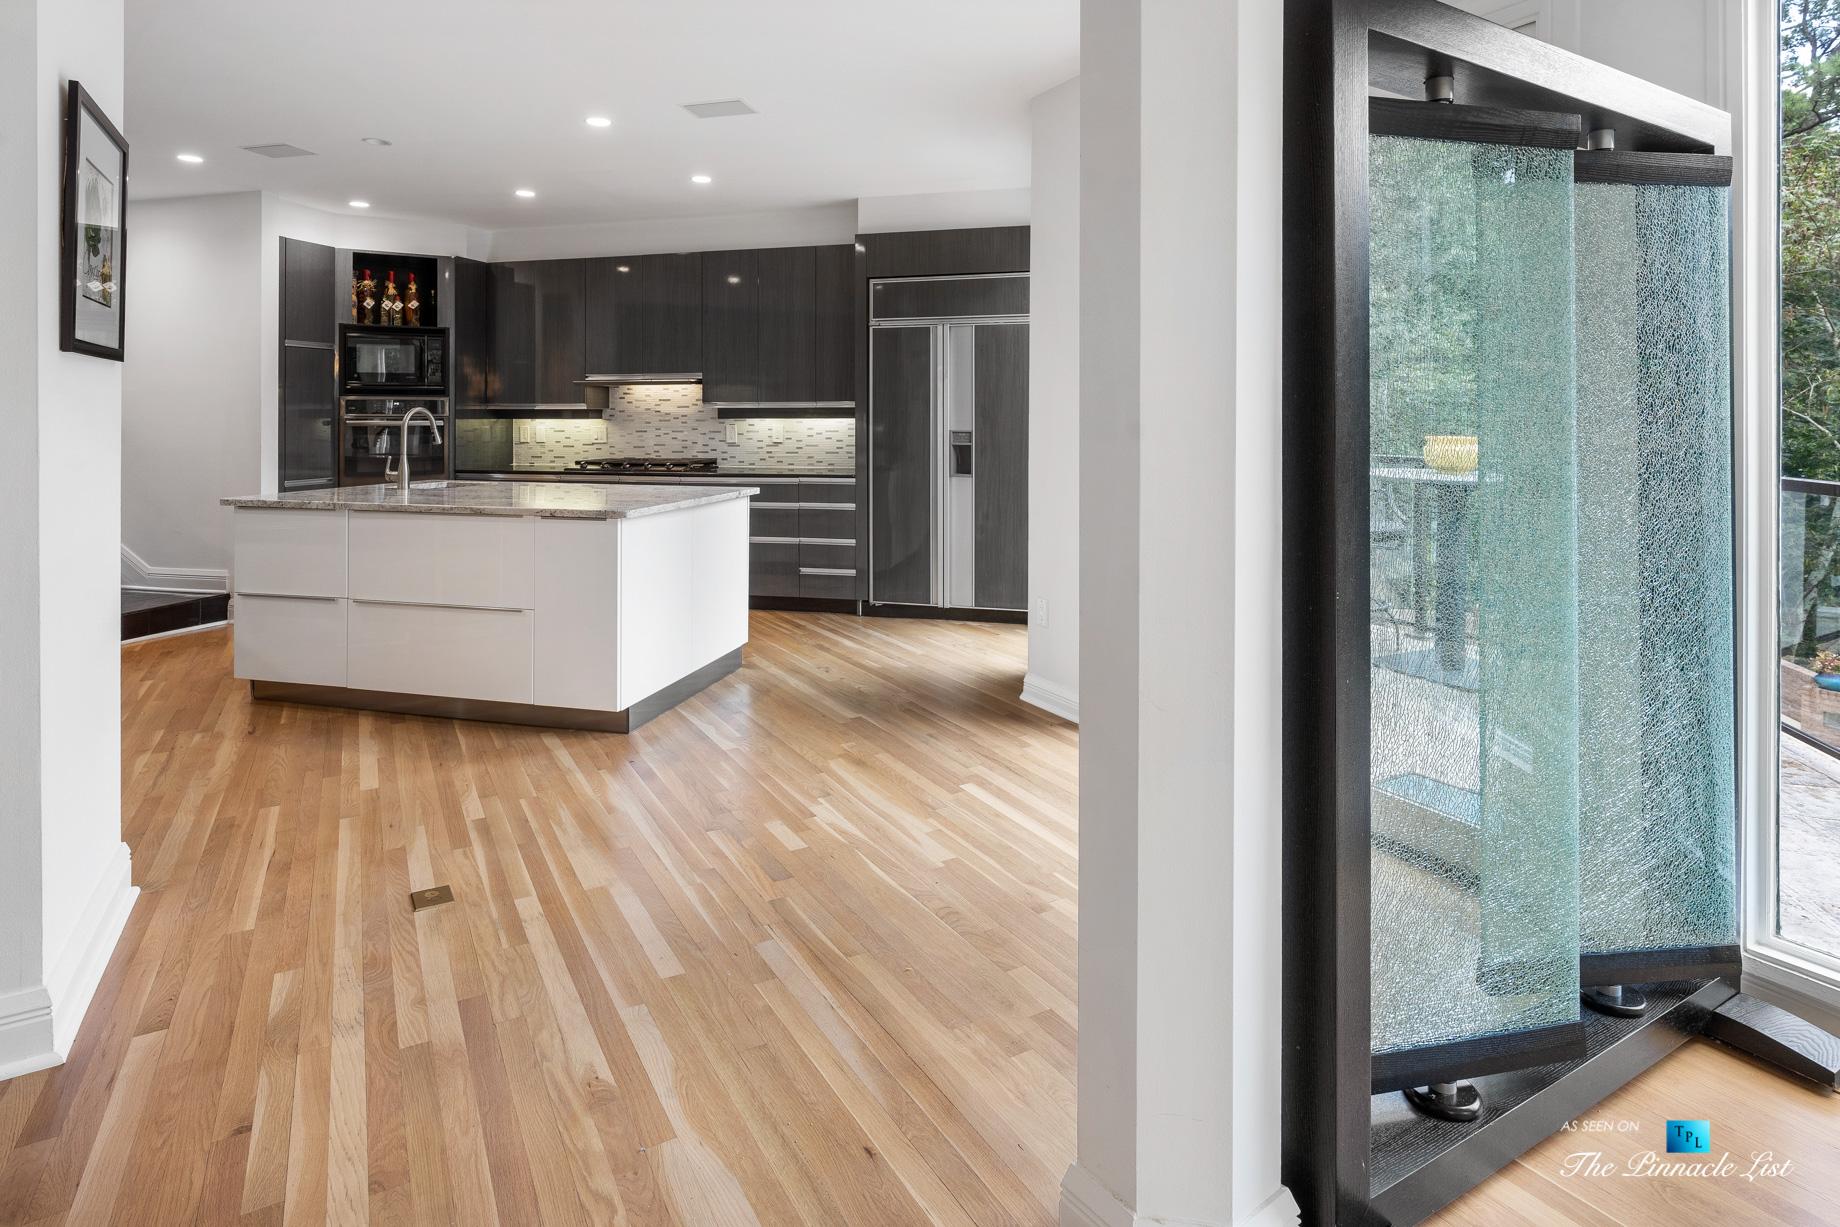 3906 Paces Ferry Rd NW, Atlanta, GA, USA - Kitchen - Luxury Real Estate - Buckhead Home